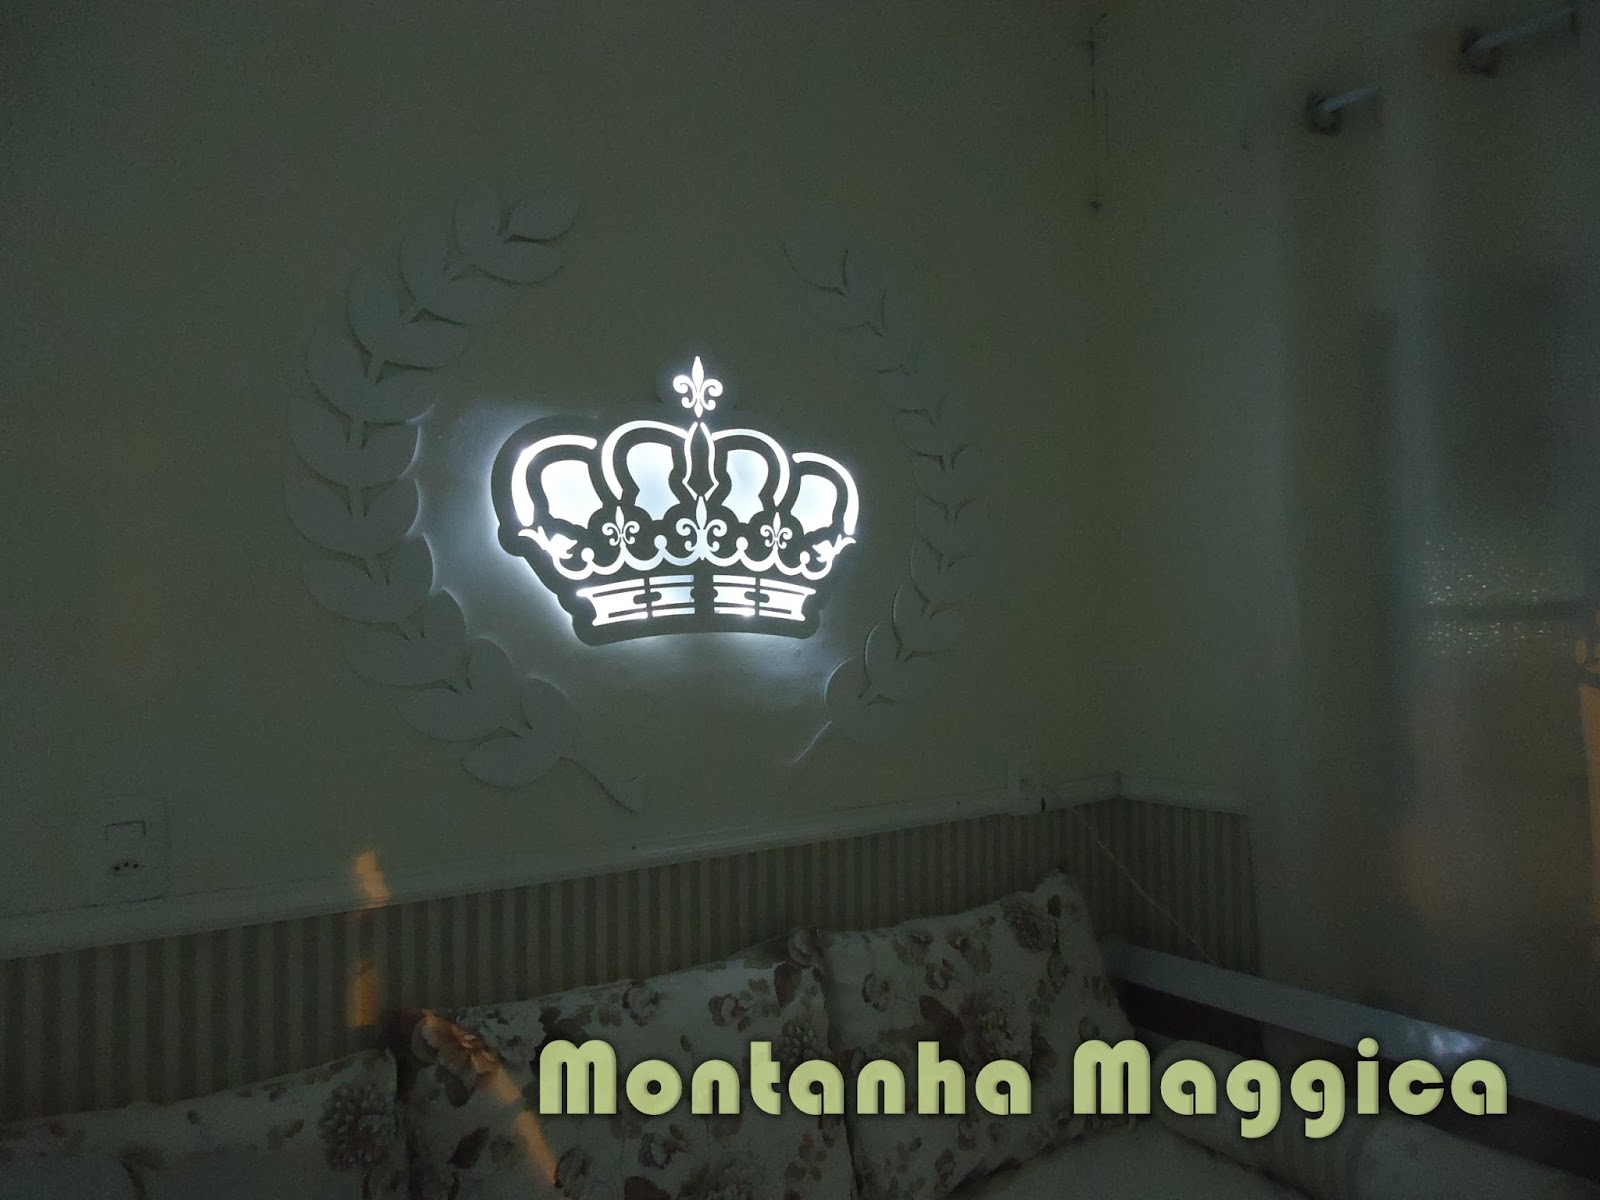 Quadro Para Quarto De Bebe Com Led ~ Quadro de maternidade tema coroa cravejado de strass e ilumina??o